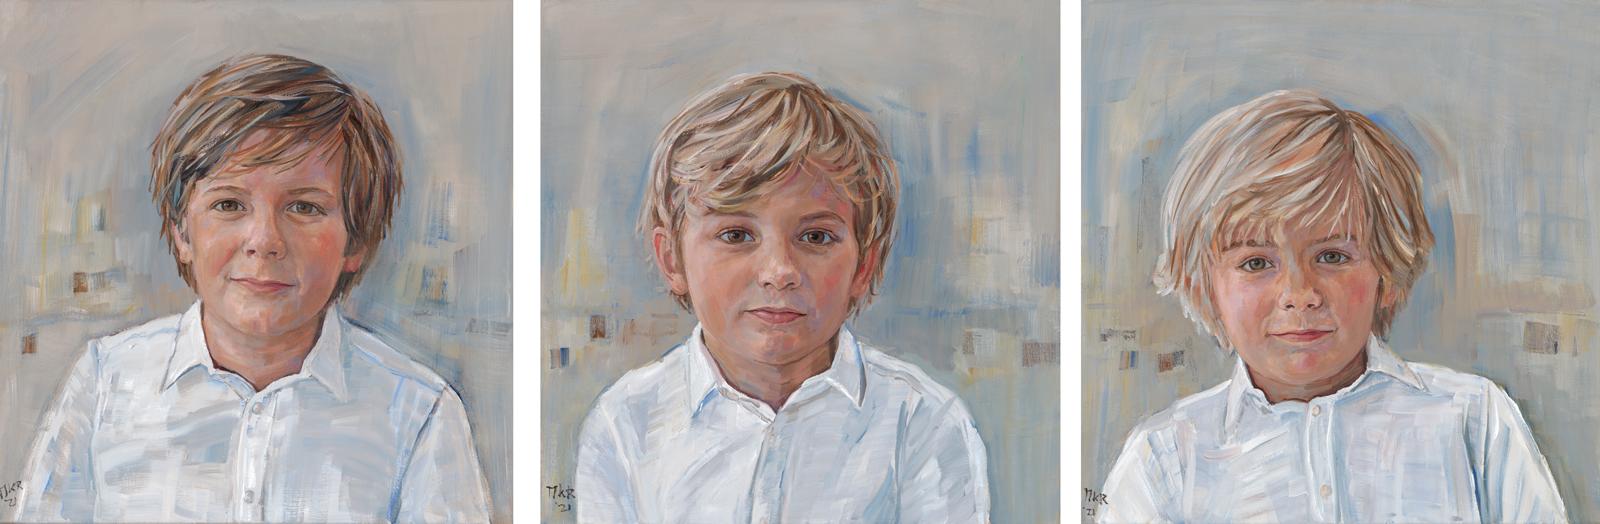 portretschilderijen van drie broers in olieverf